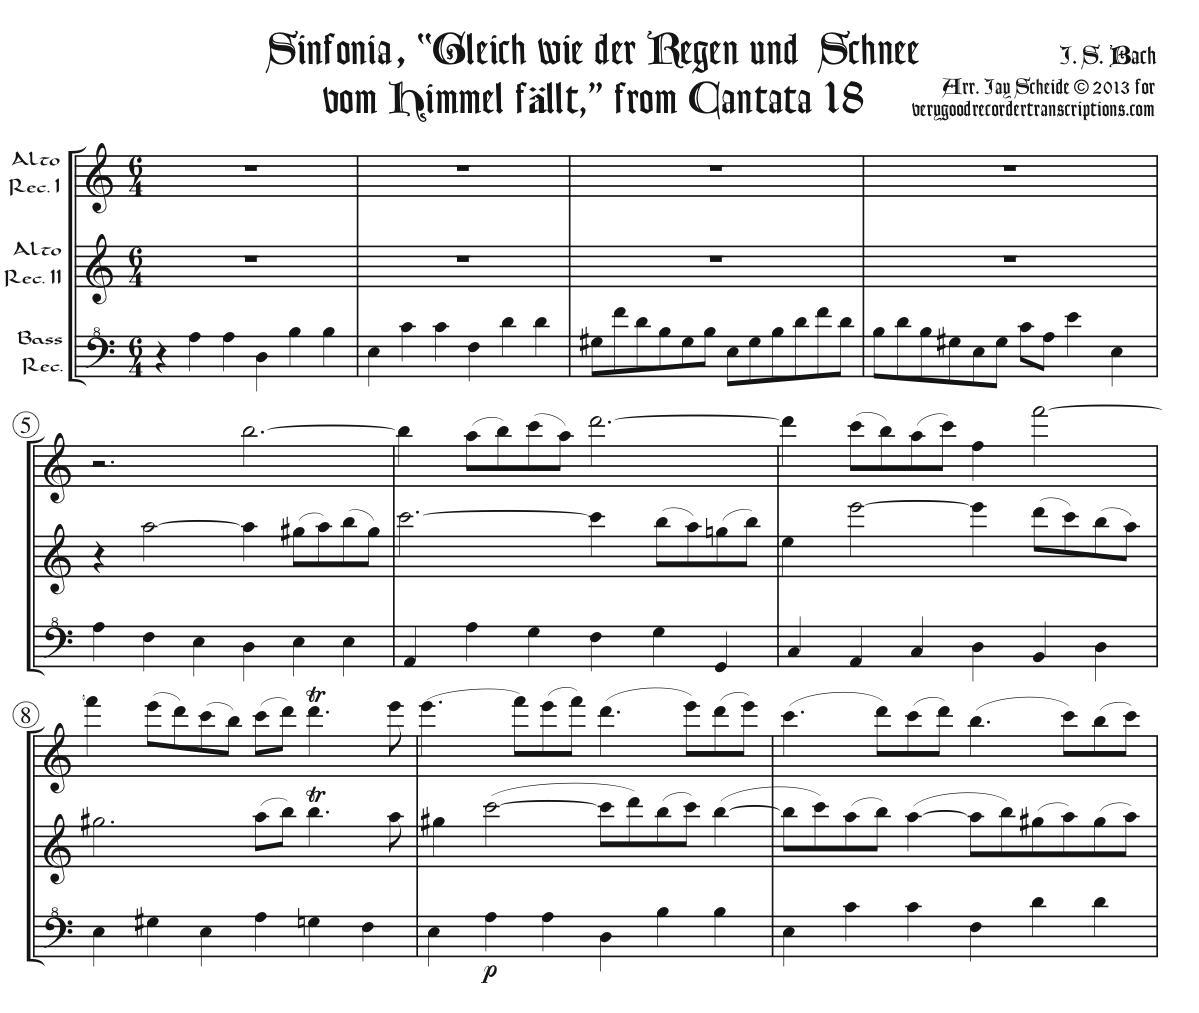 """Sinfonia, """"Gleich wie der Regen und Schnee vom Himmel fällt,"""" from Cantata 18, arr. for recorder trio"""